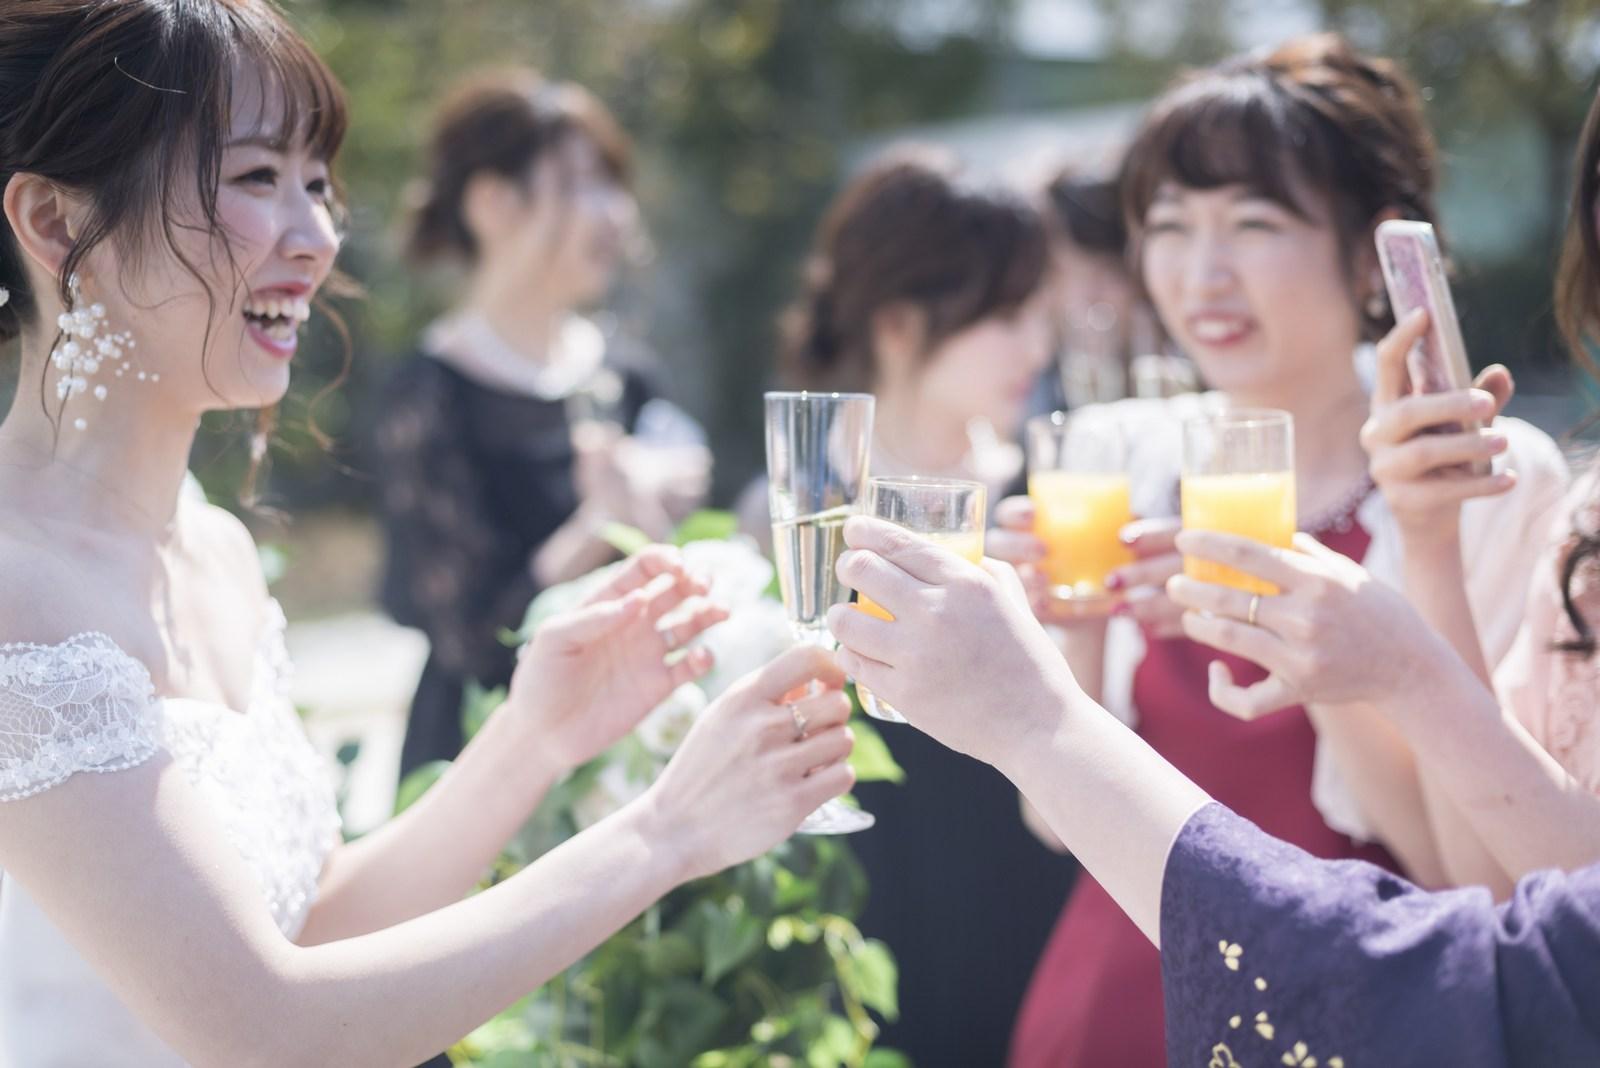 香川の結婚式場シェルエメール&アイスタイル 乾杯